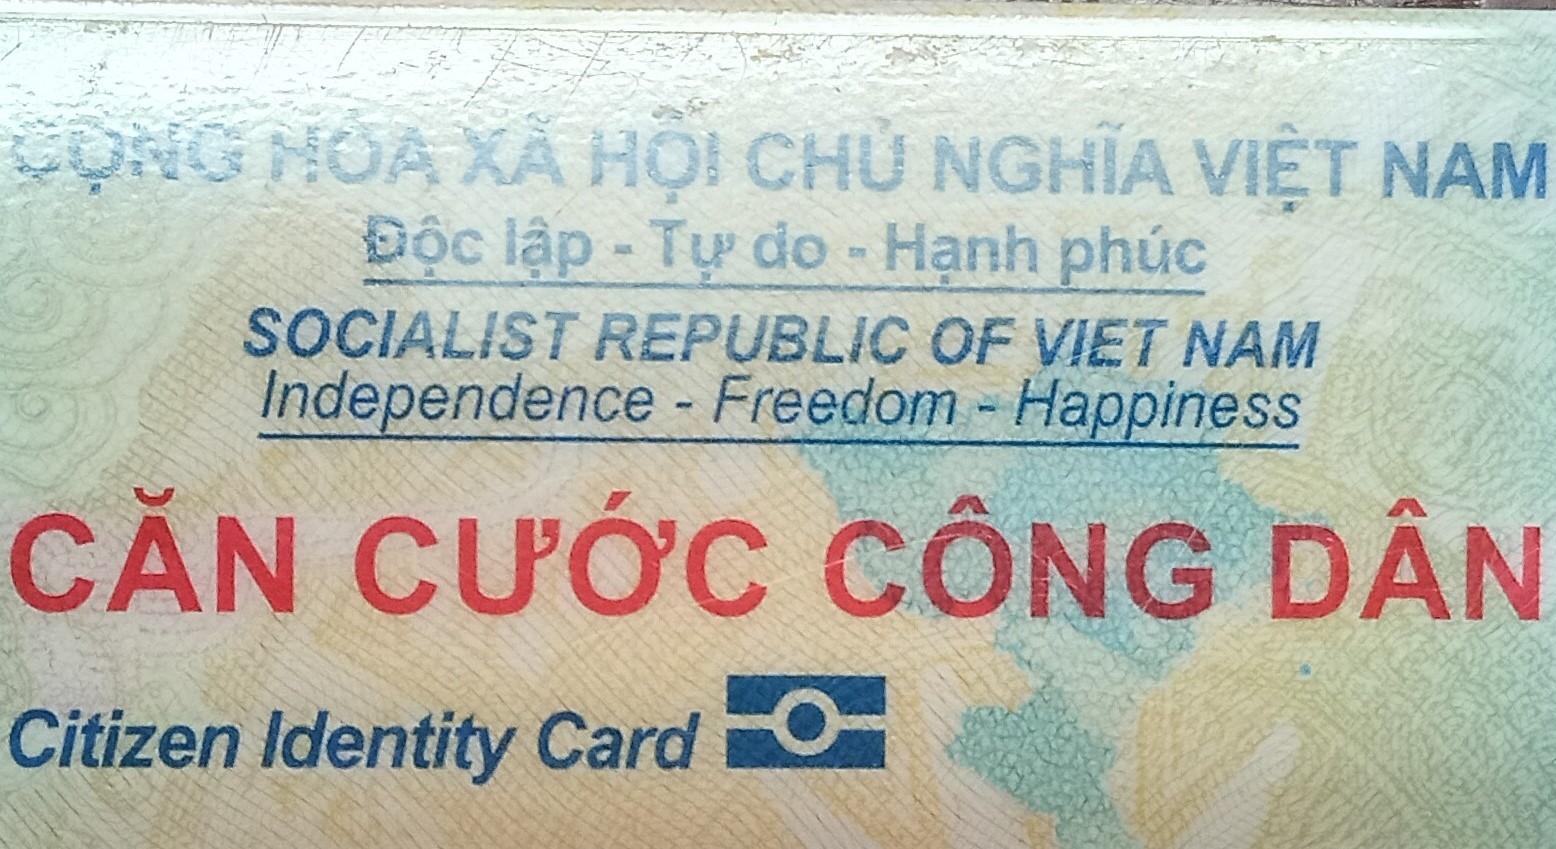 Tăng tiện ích cho người dân khi dùng thẻ Căn cước công dân